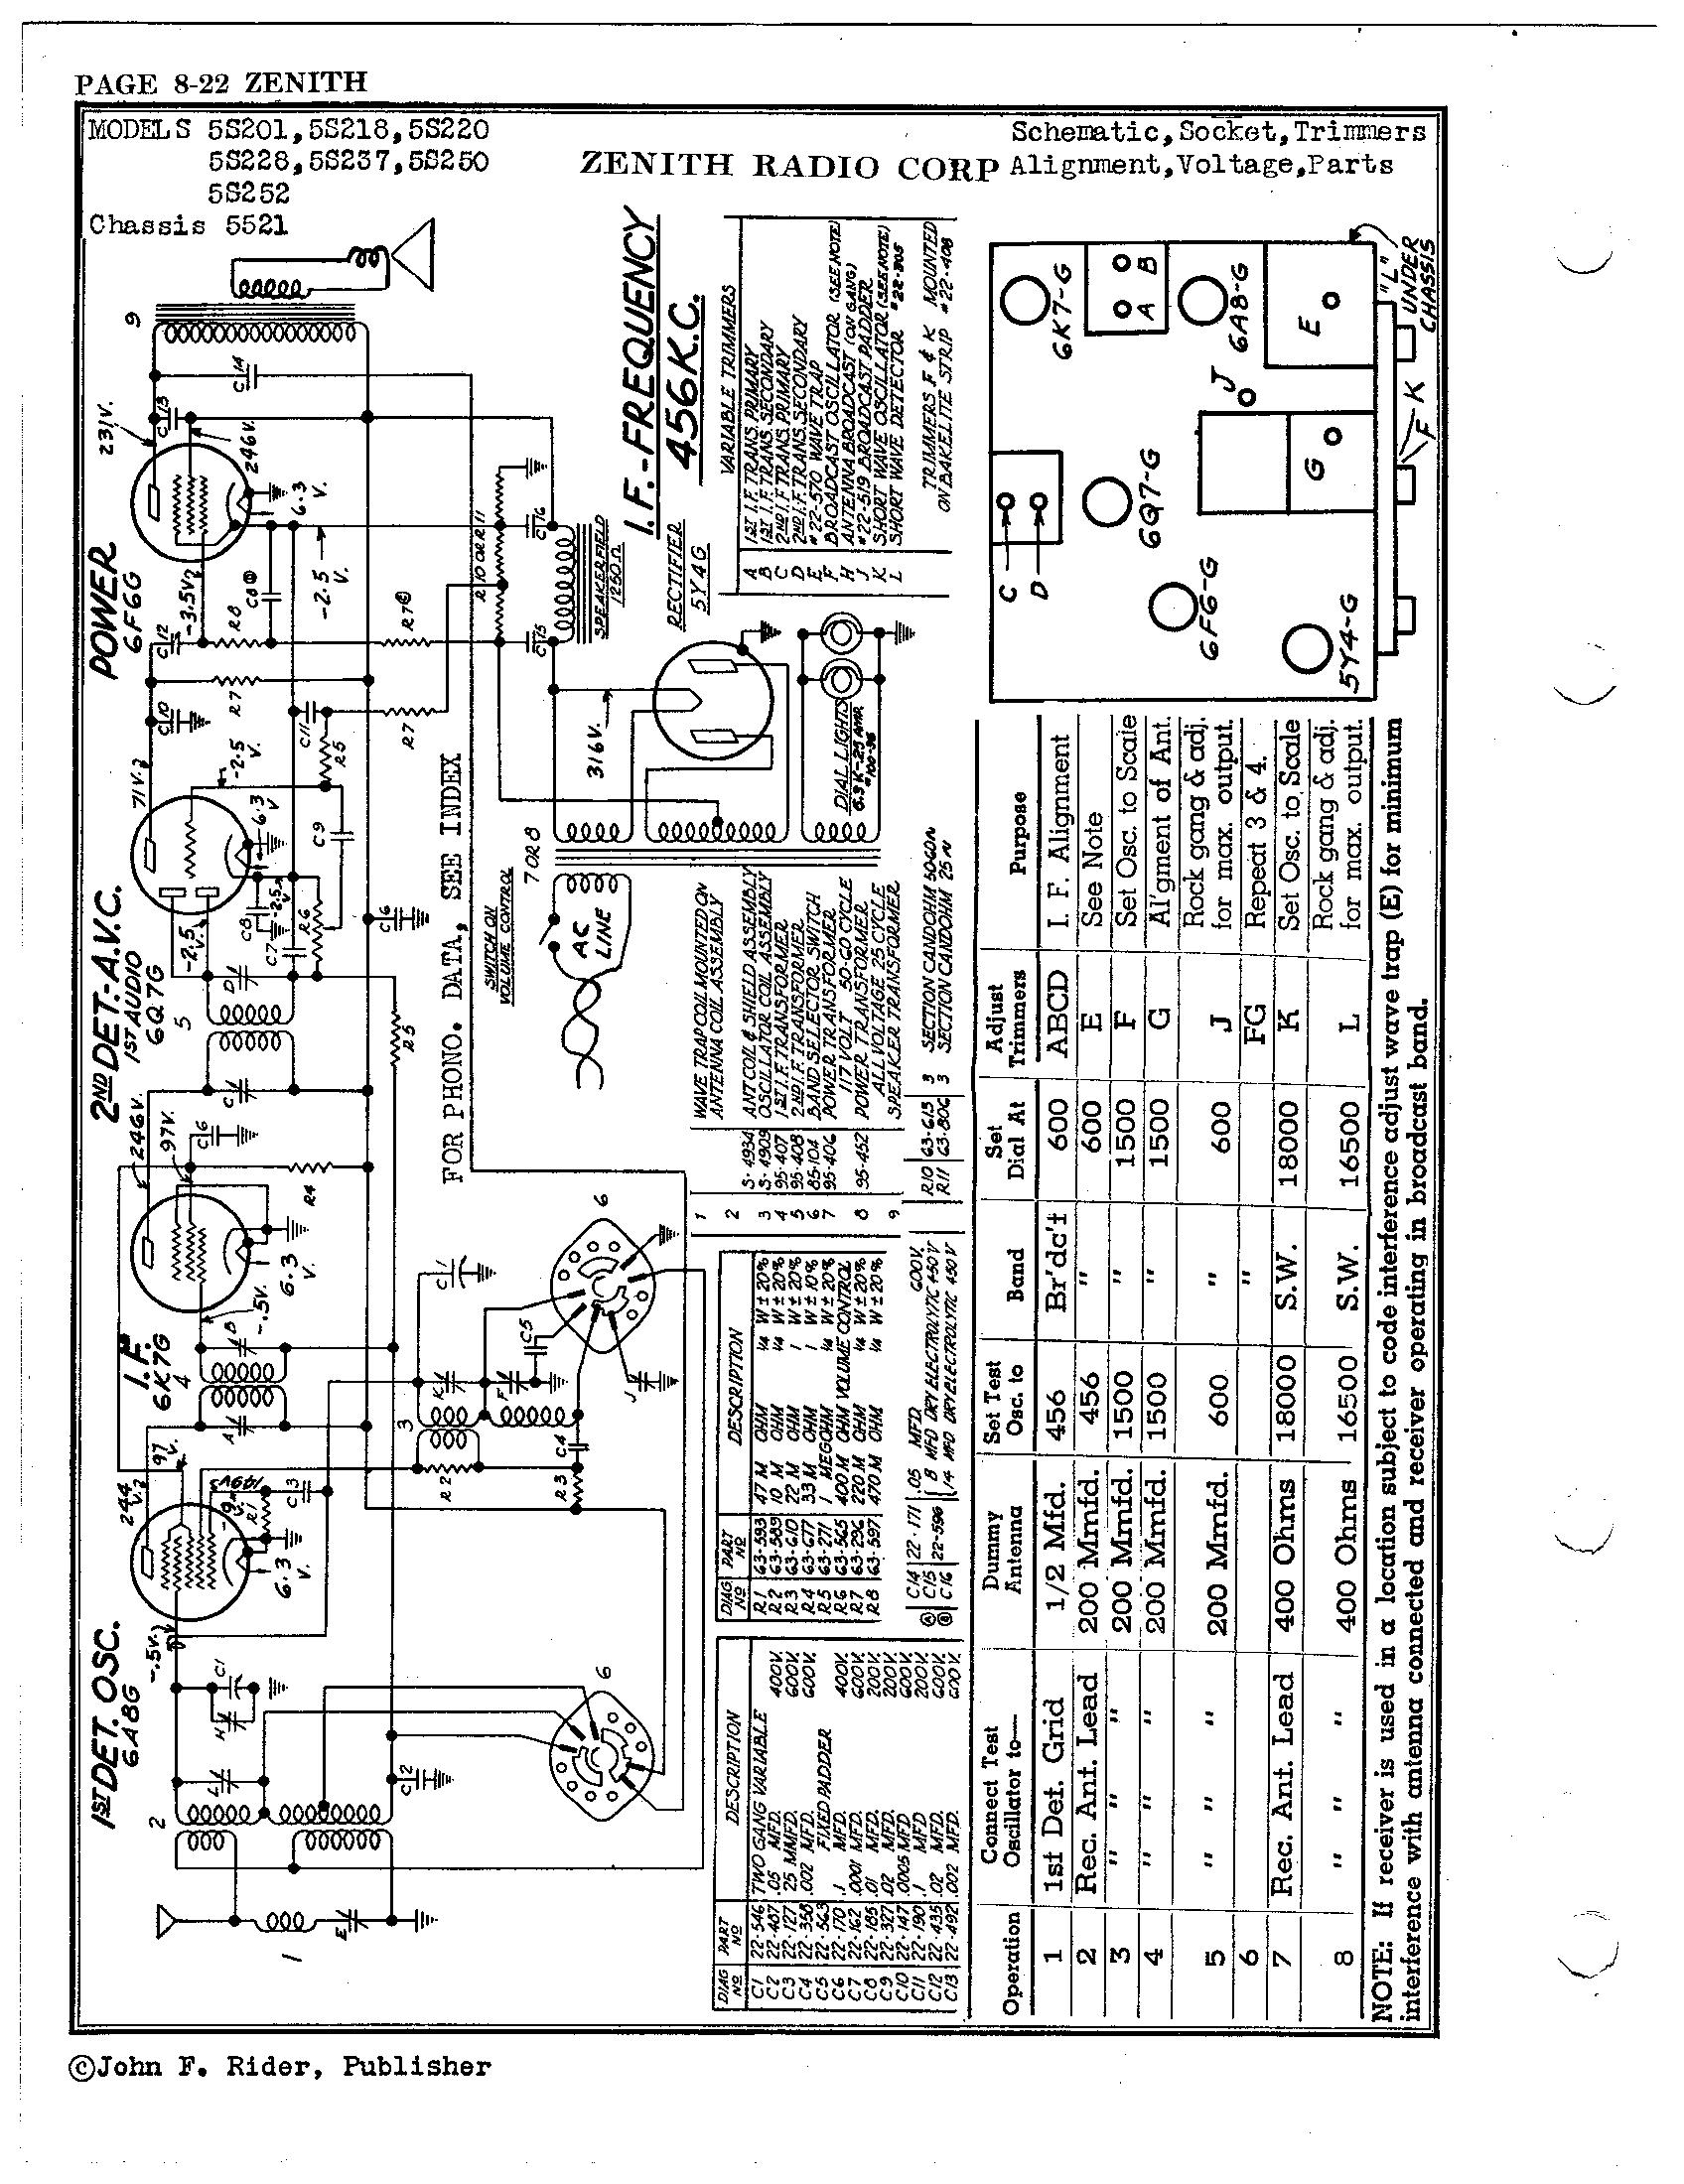 Zenith Radio Schematics Wiring Diagrams. Zenith Radio Corp 5s250 Antique Electronic Supply Rh Tubesandmore Schematic Model 5g03. Wiring. Zenith Tube Radio Schematics N6l6599 At Scoala.co